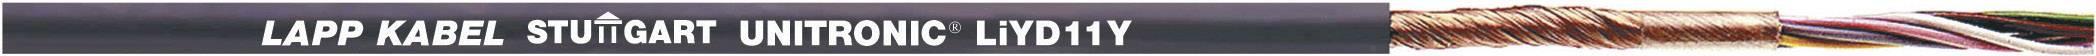 Dátový kábel LappKabel 0033302 UNITRONIC® LiYD11Y, 2 x 0.25 mm², čierna, metrový tovar